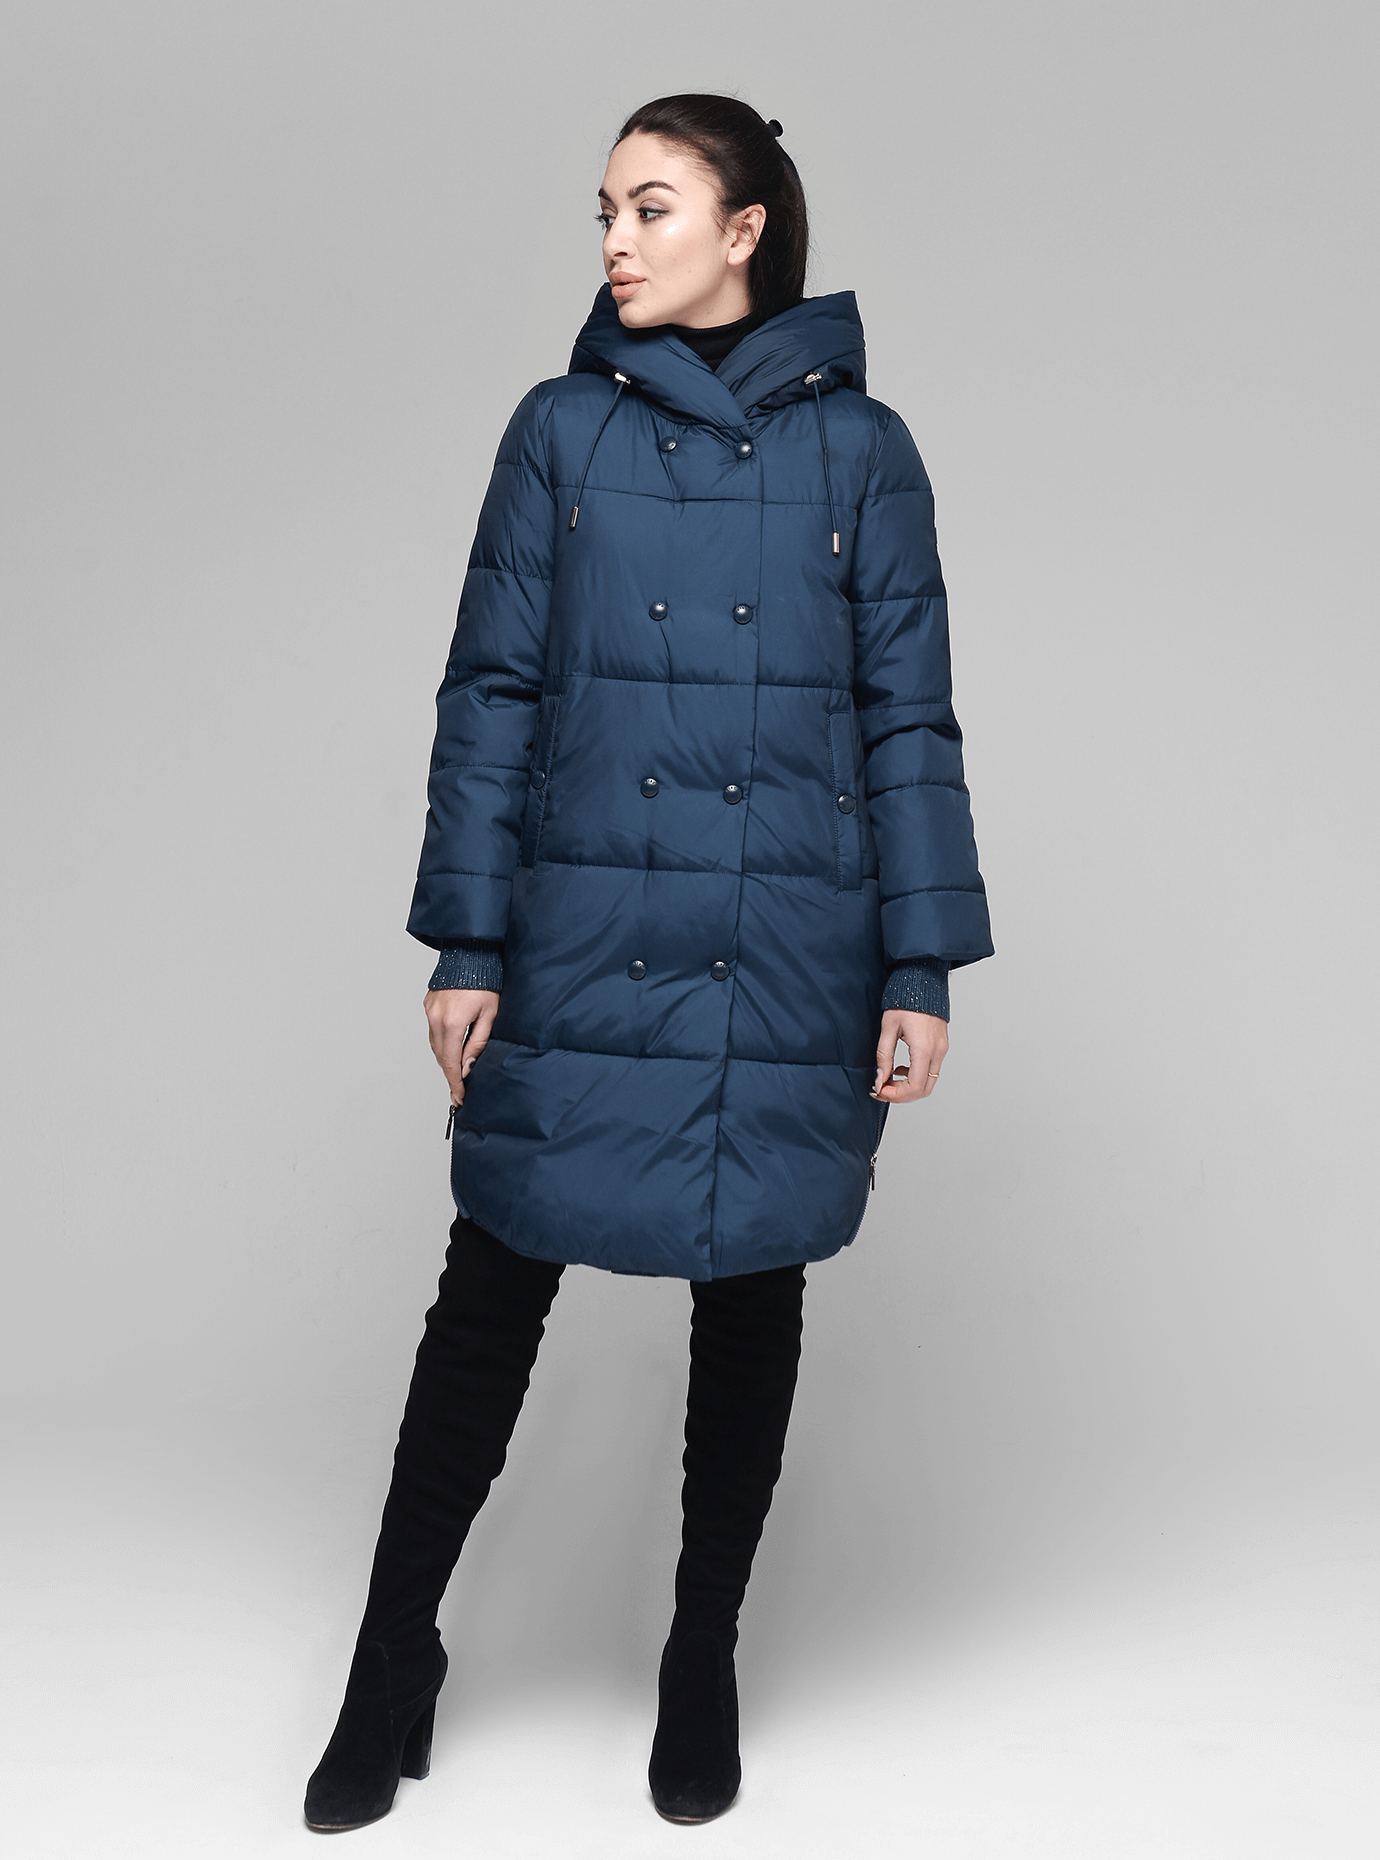 Куртка жіноча зимова з капюшоном Синій 2XL (05-ZZ19010): фото - Alster.ua